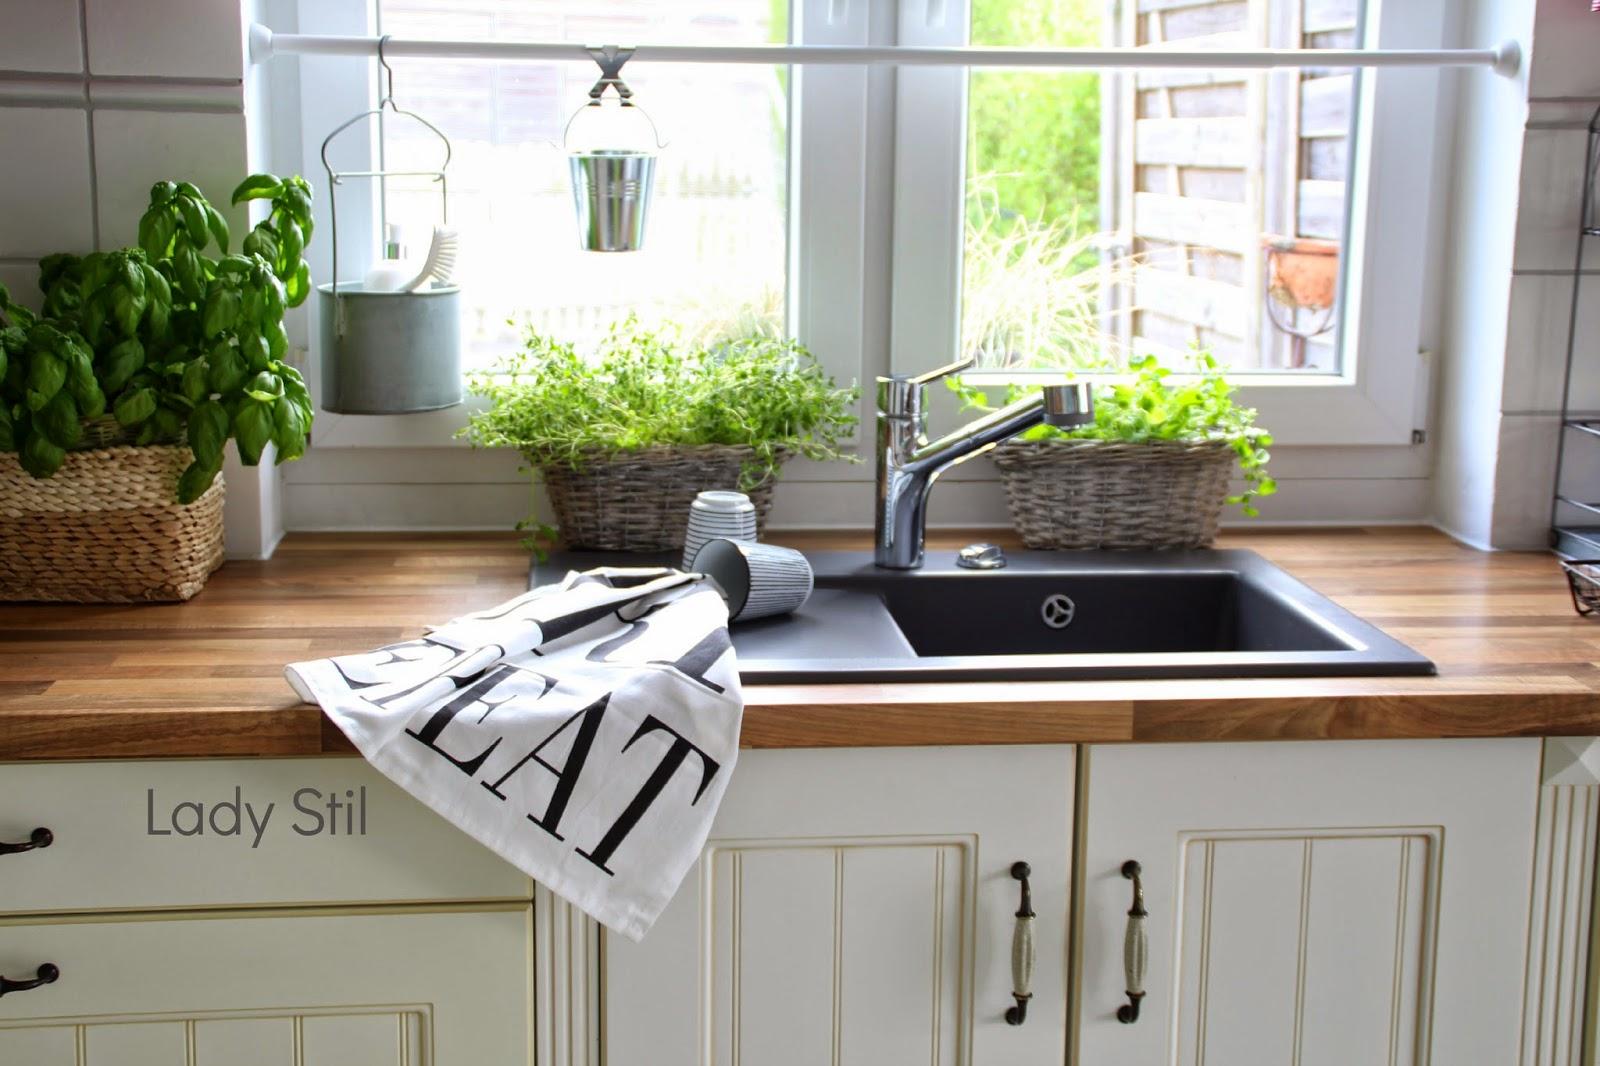 Blick auf die Küchenspüle mit zwei Bast-Kräuter-Körben und einem Geschirrhandtuch in schwarzweiß von Bloomingville sowie House Doctor Bechern in schwarzweiß gestreift